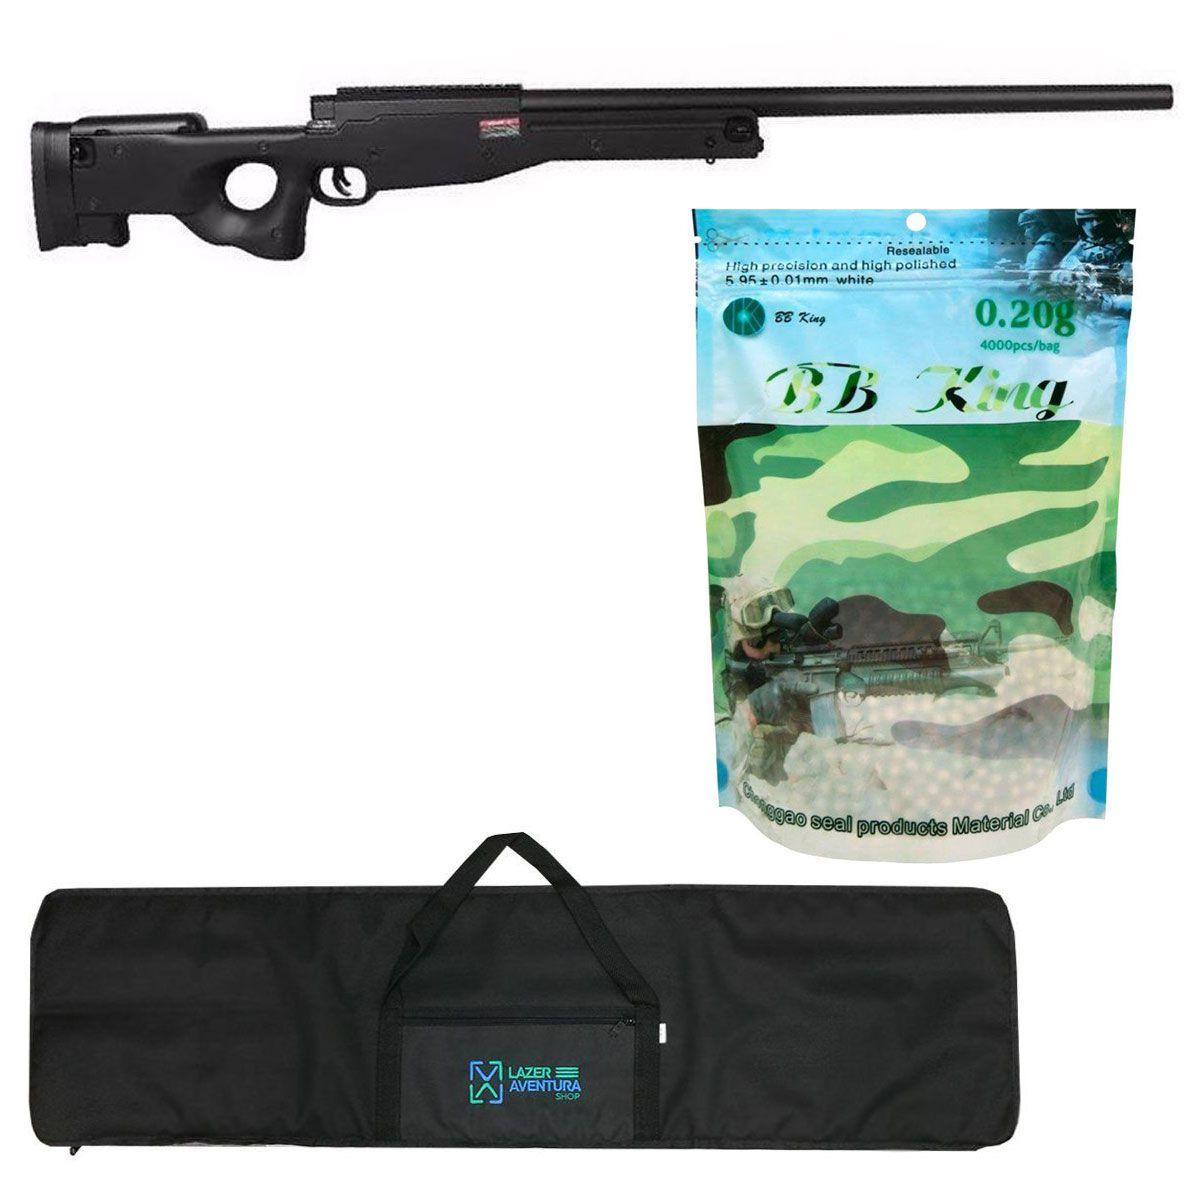 Kit Sniper Evo L96 Preto + BB King 0,20g + Capa Lazer e Aventura